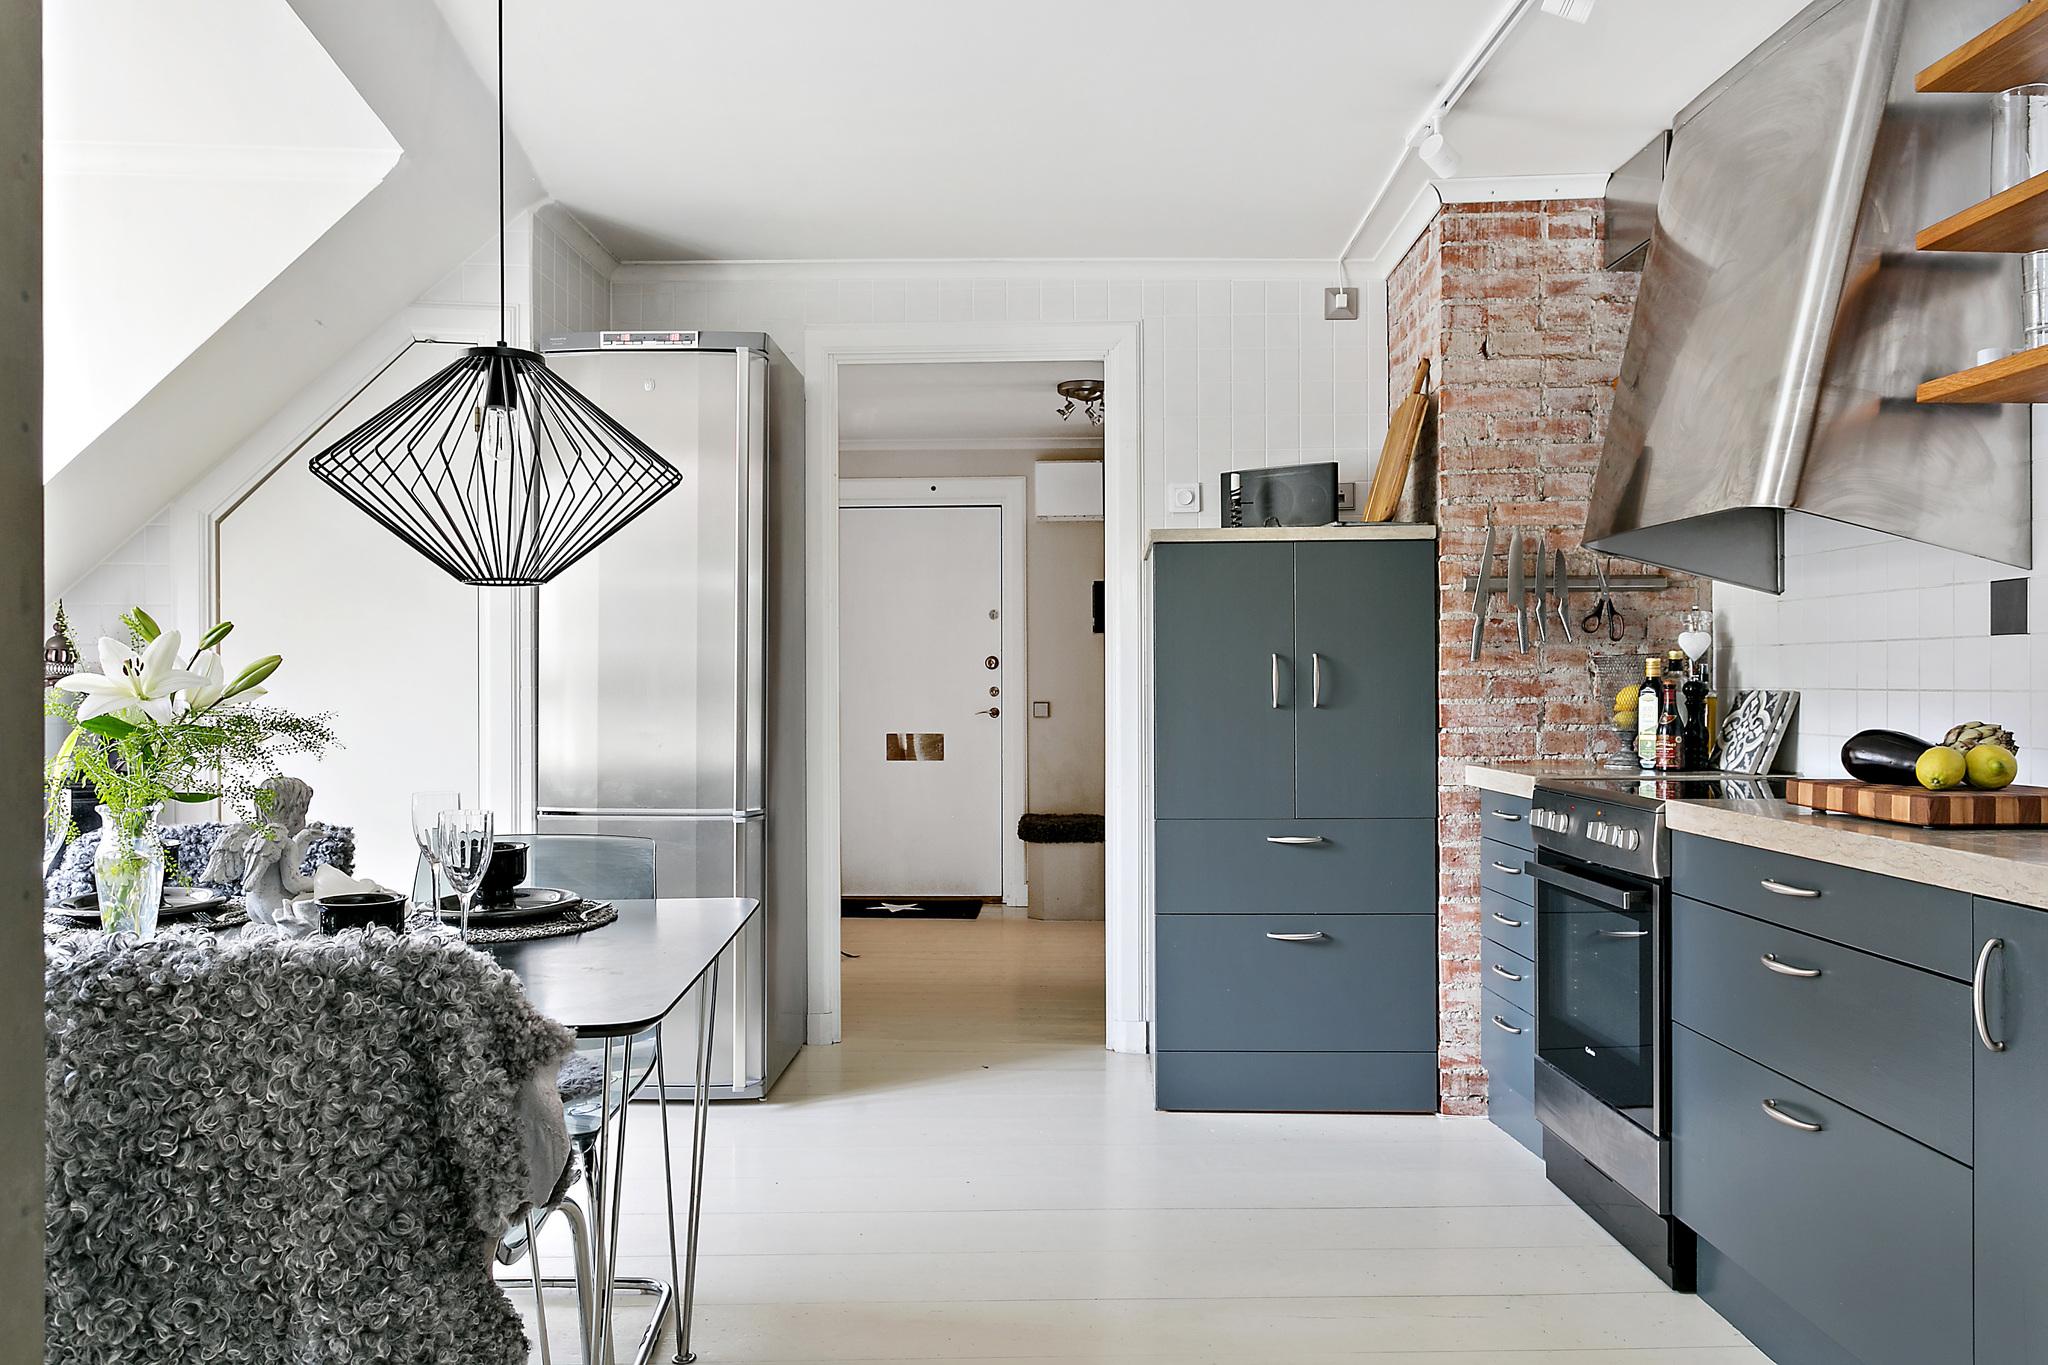 кухня кирпич холодильник ман